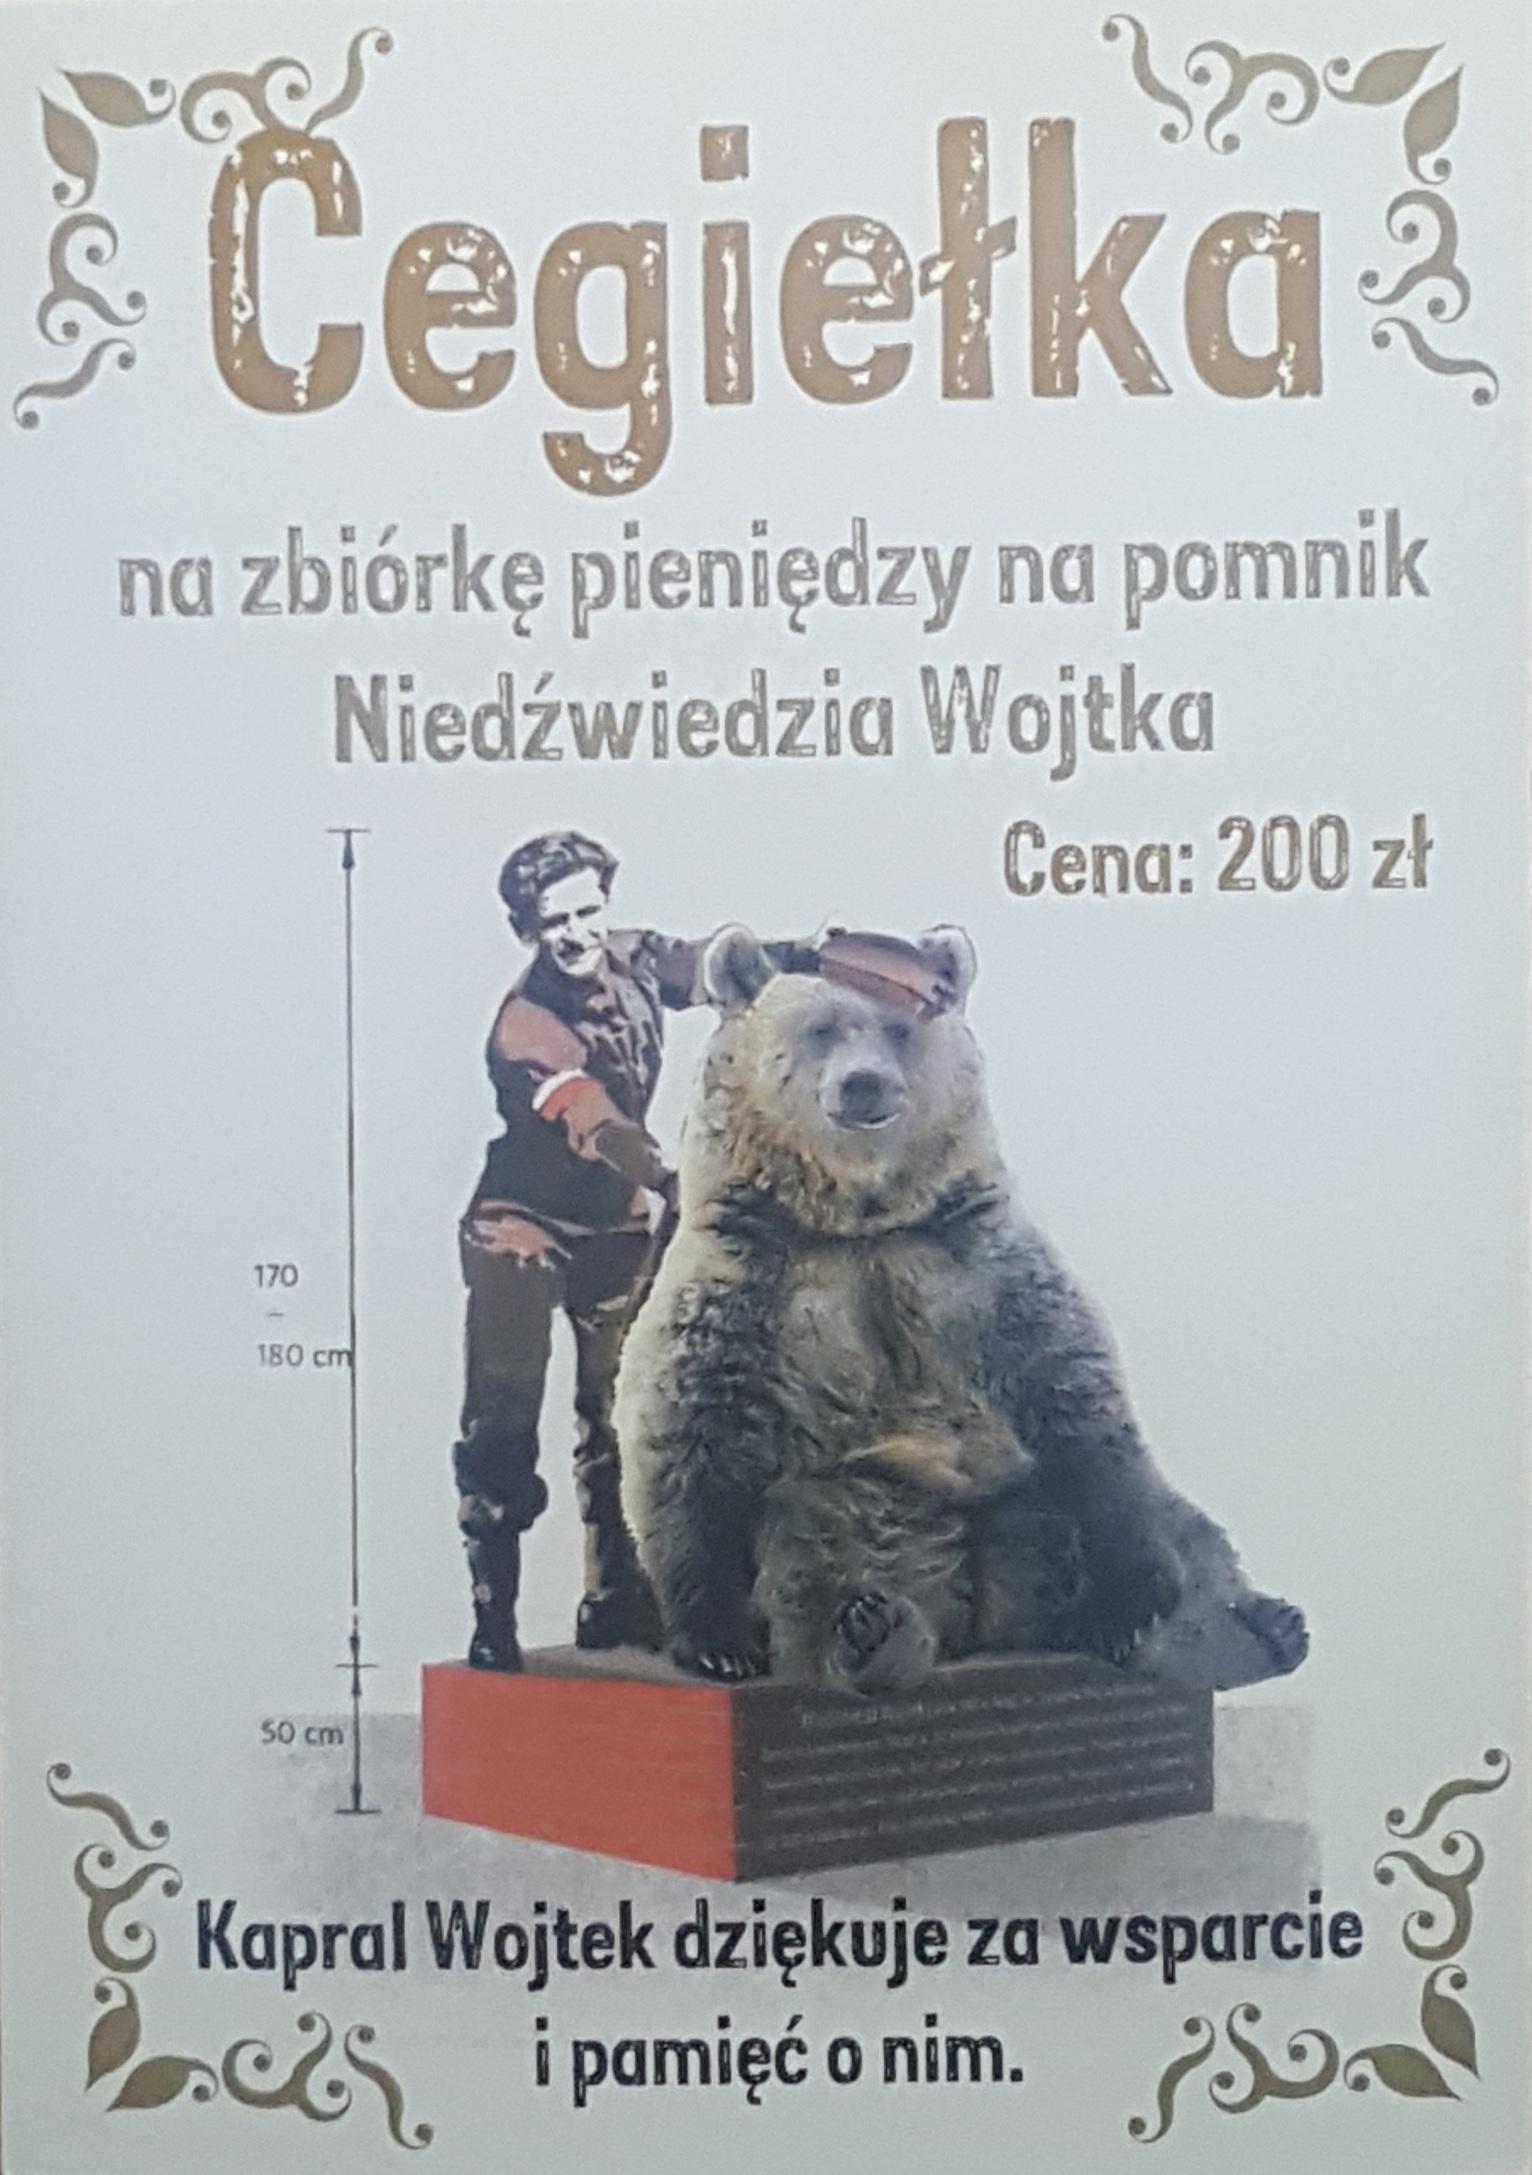 Cegiełka za wsparcie budowy pomnika niedzwiedzia - Kaprala Wojtka